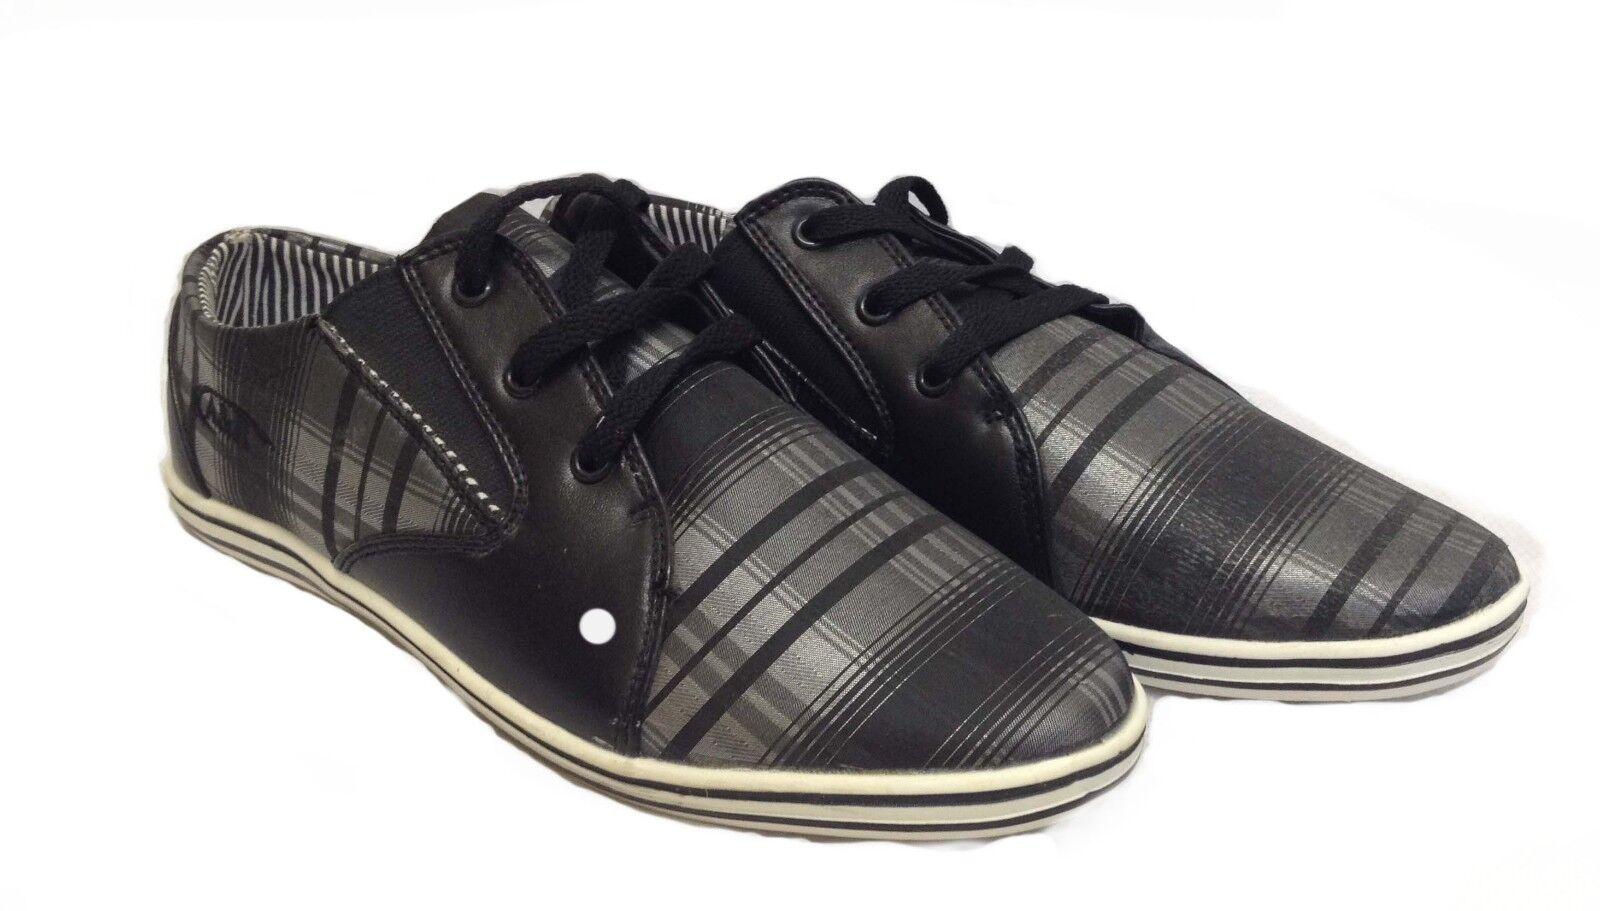 ANDI Sneakers Playoff Hi-Top Sneakers ANDI mens black w/red trim 2ba733